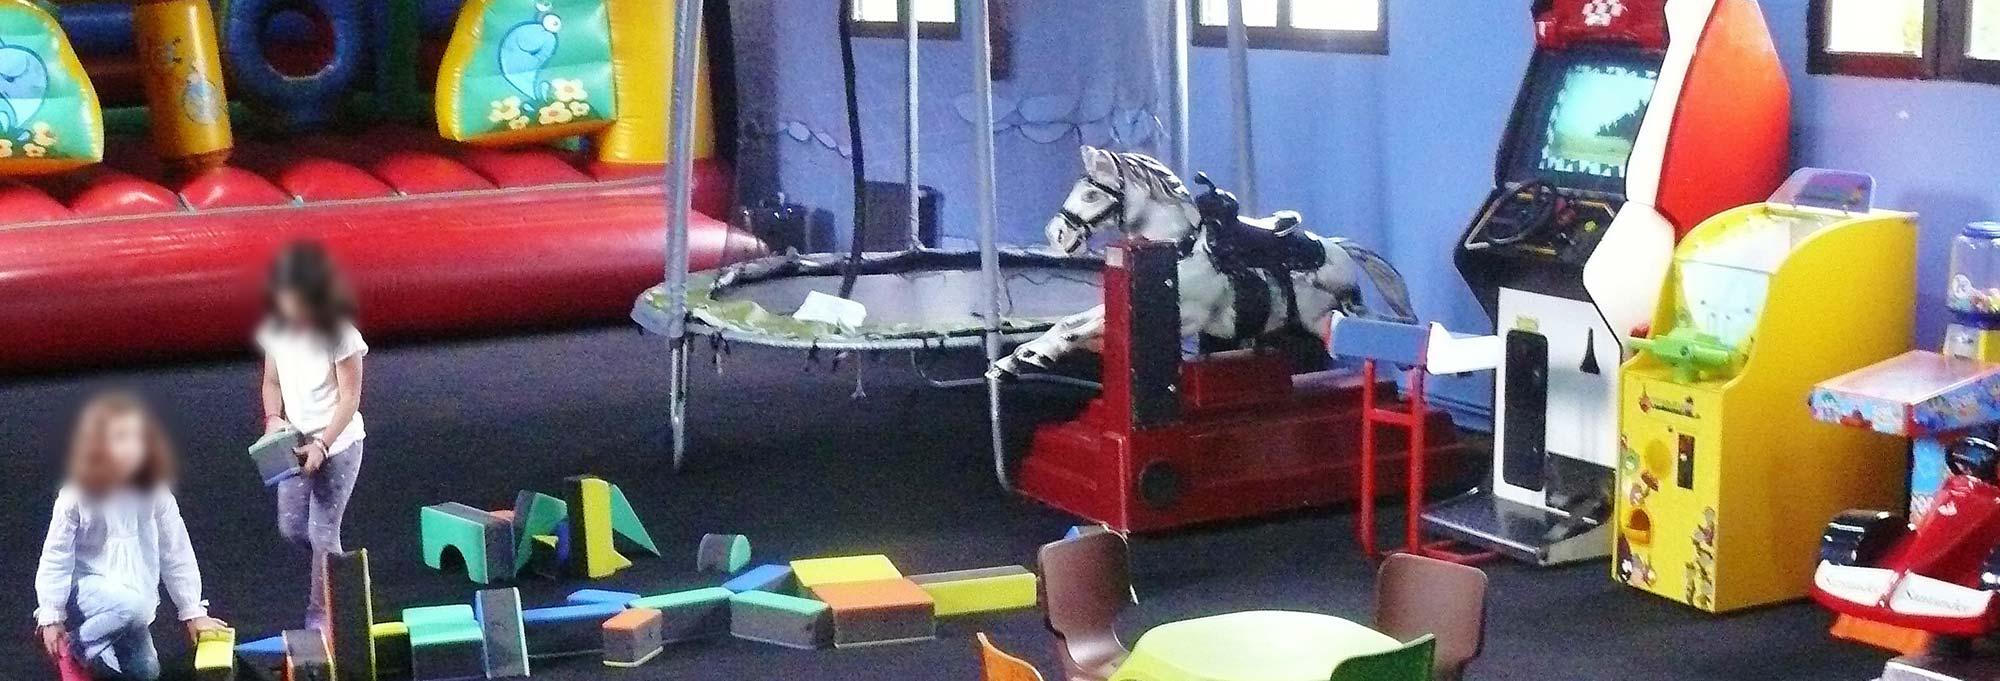 Zona infantil supervisada. Diversión segura para los peques.